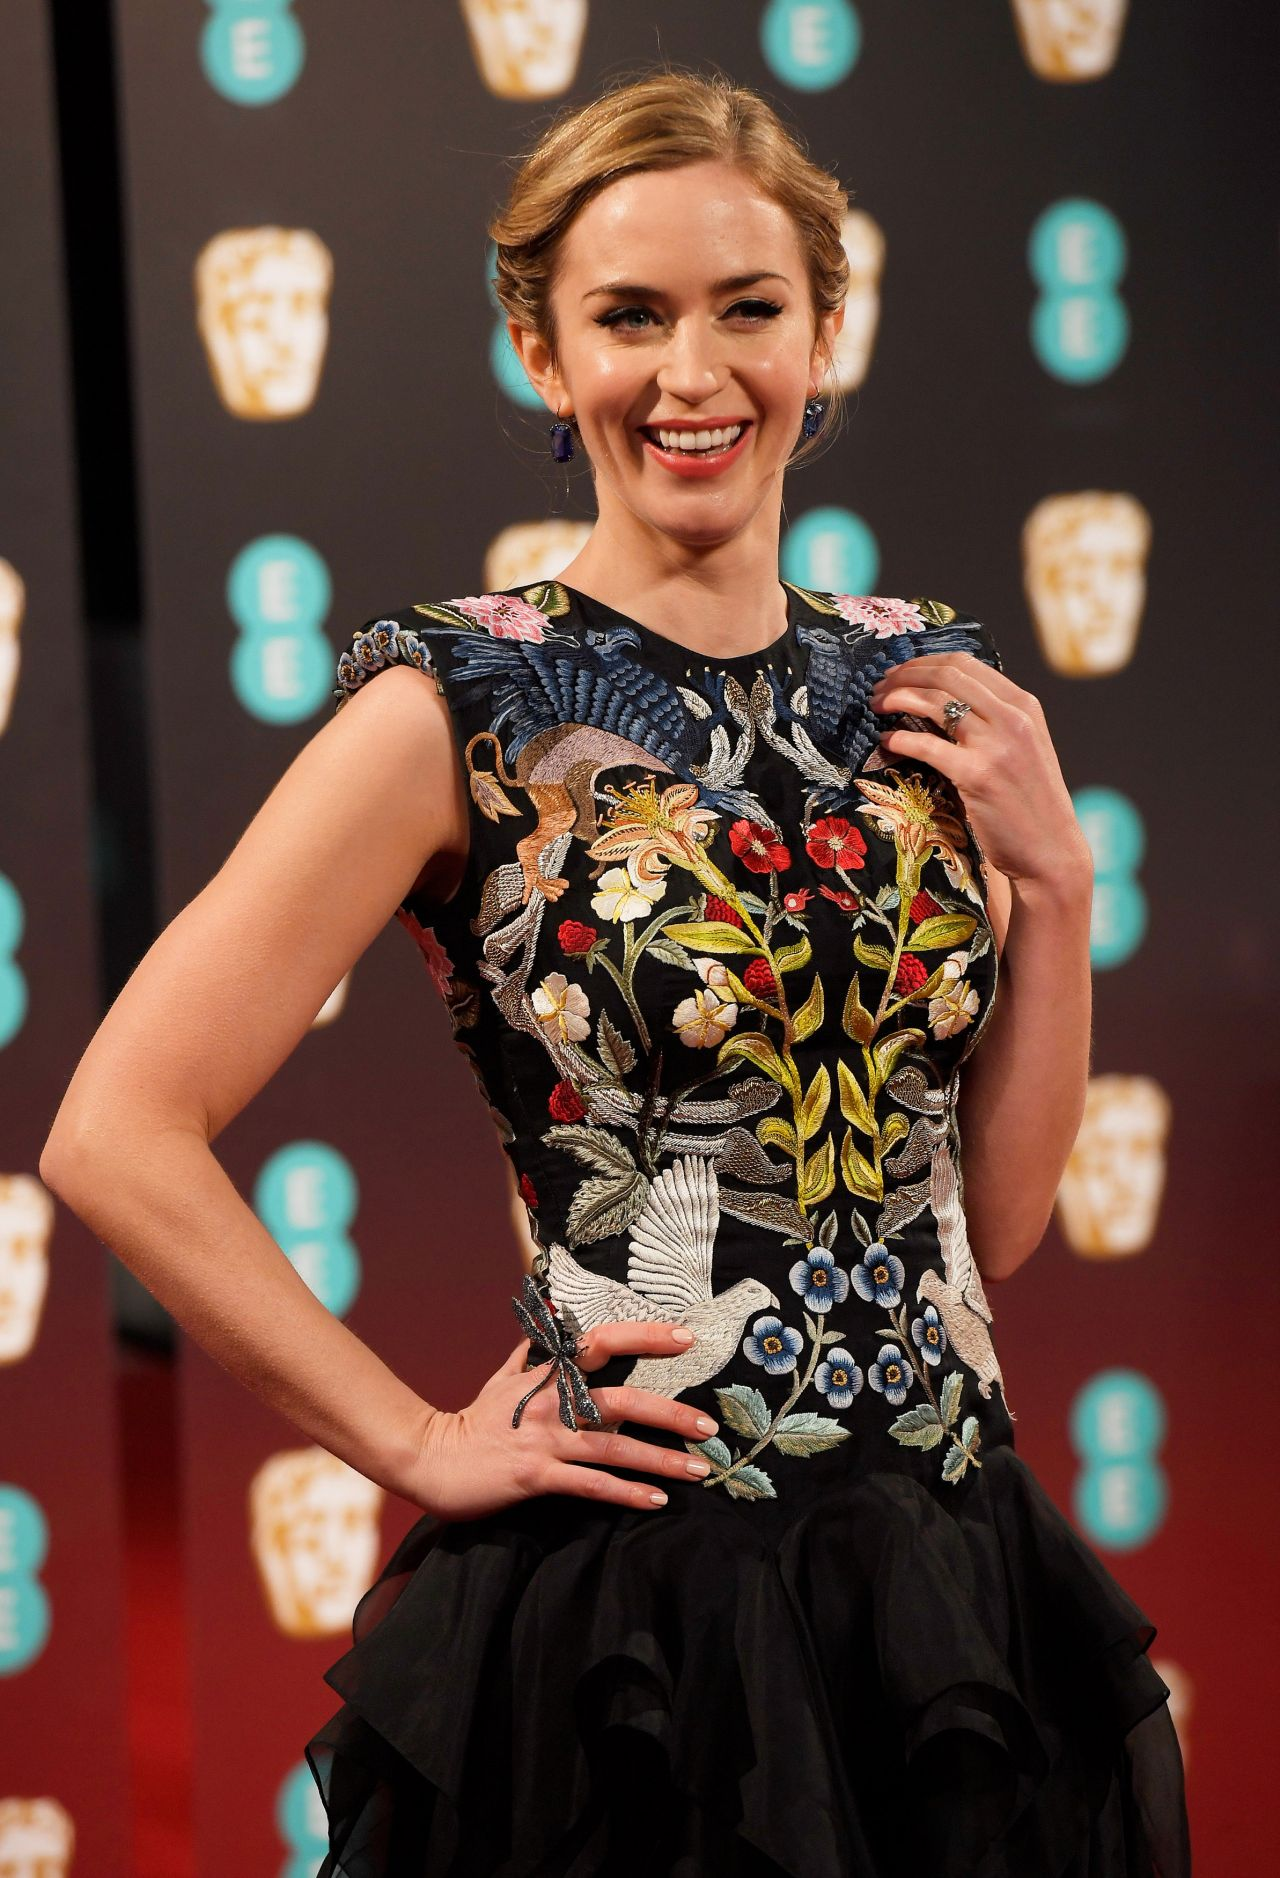 Emily Blunt at BAFTA Awards in London, UK 2/12/ 2017